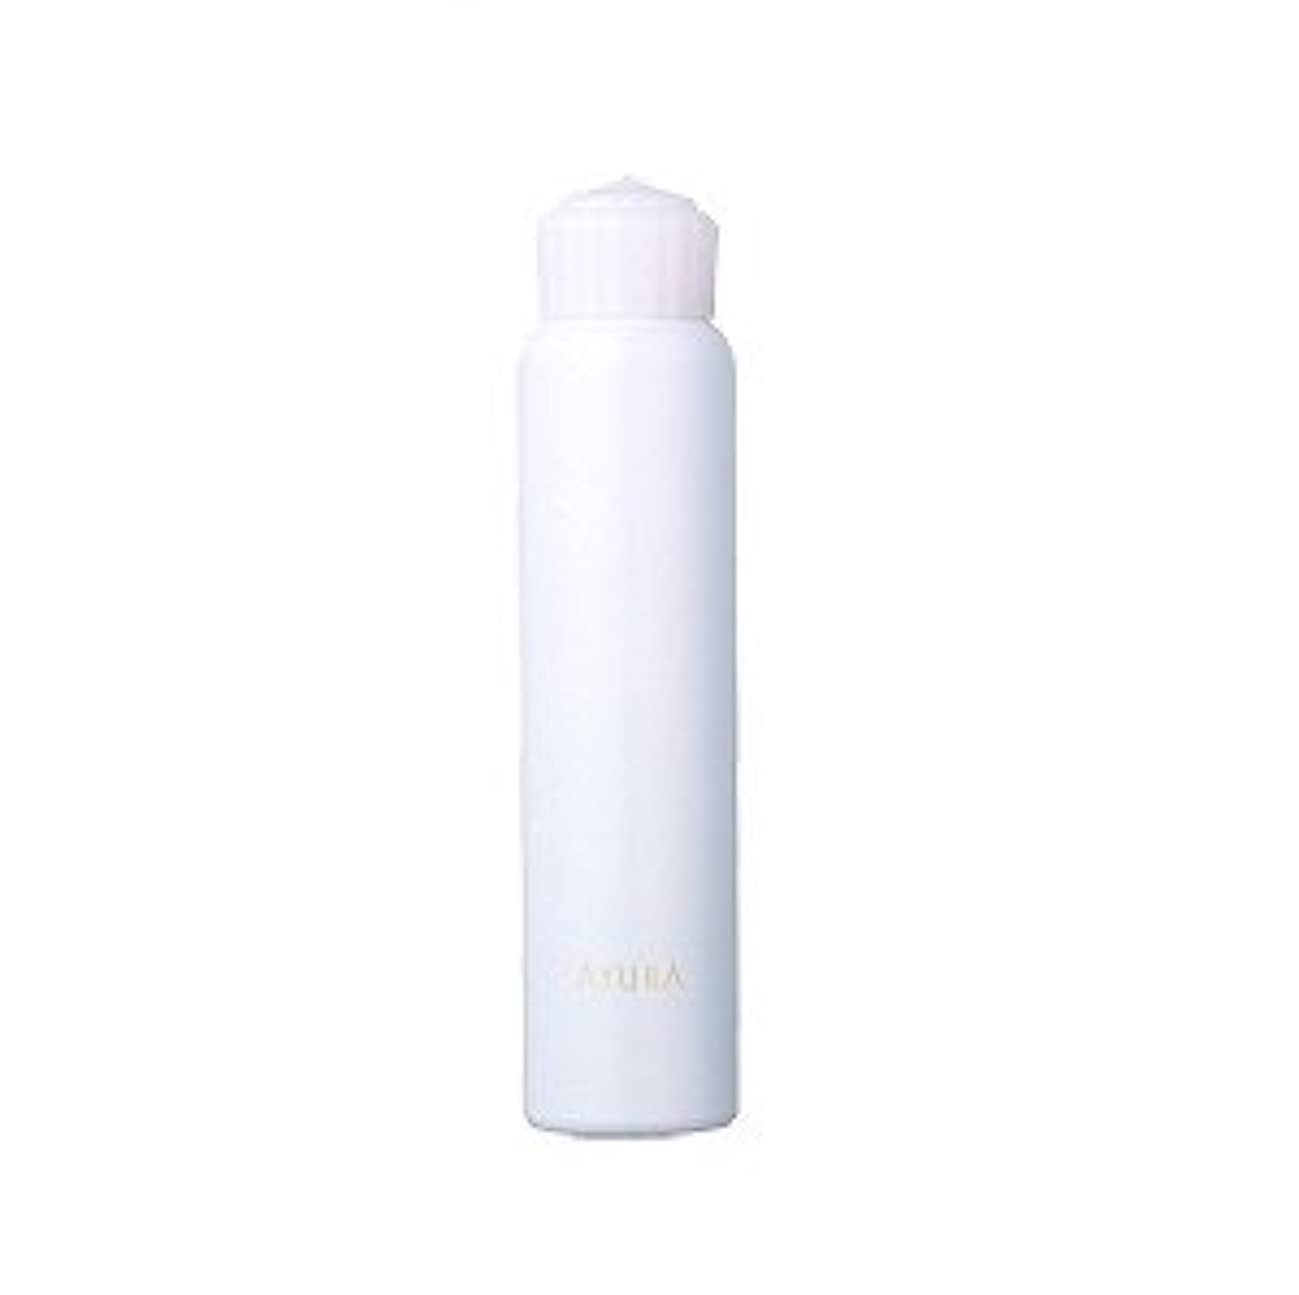 ボットいっぱい許容できるアユーラ ホワイトニング マルチシャワー 125g 化粧水